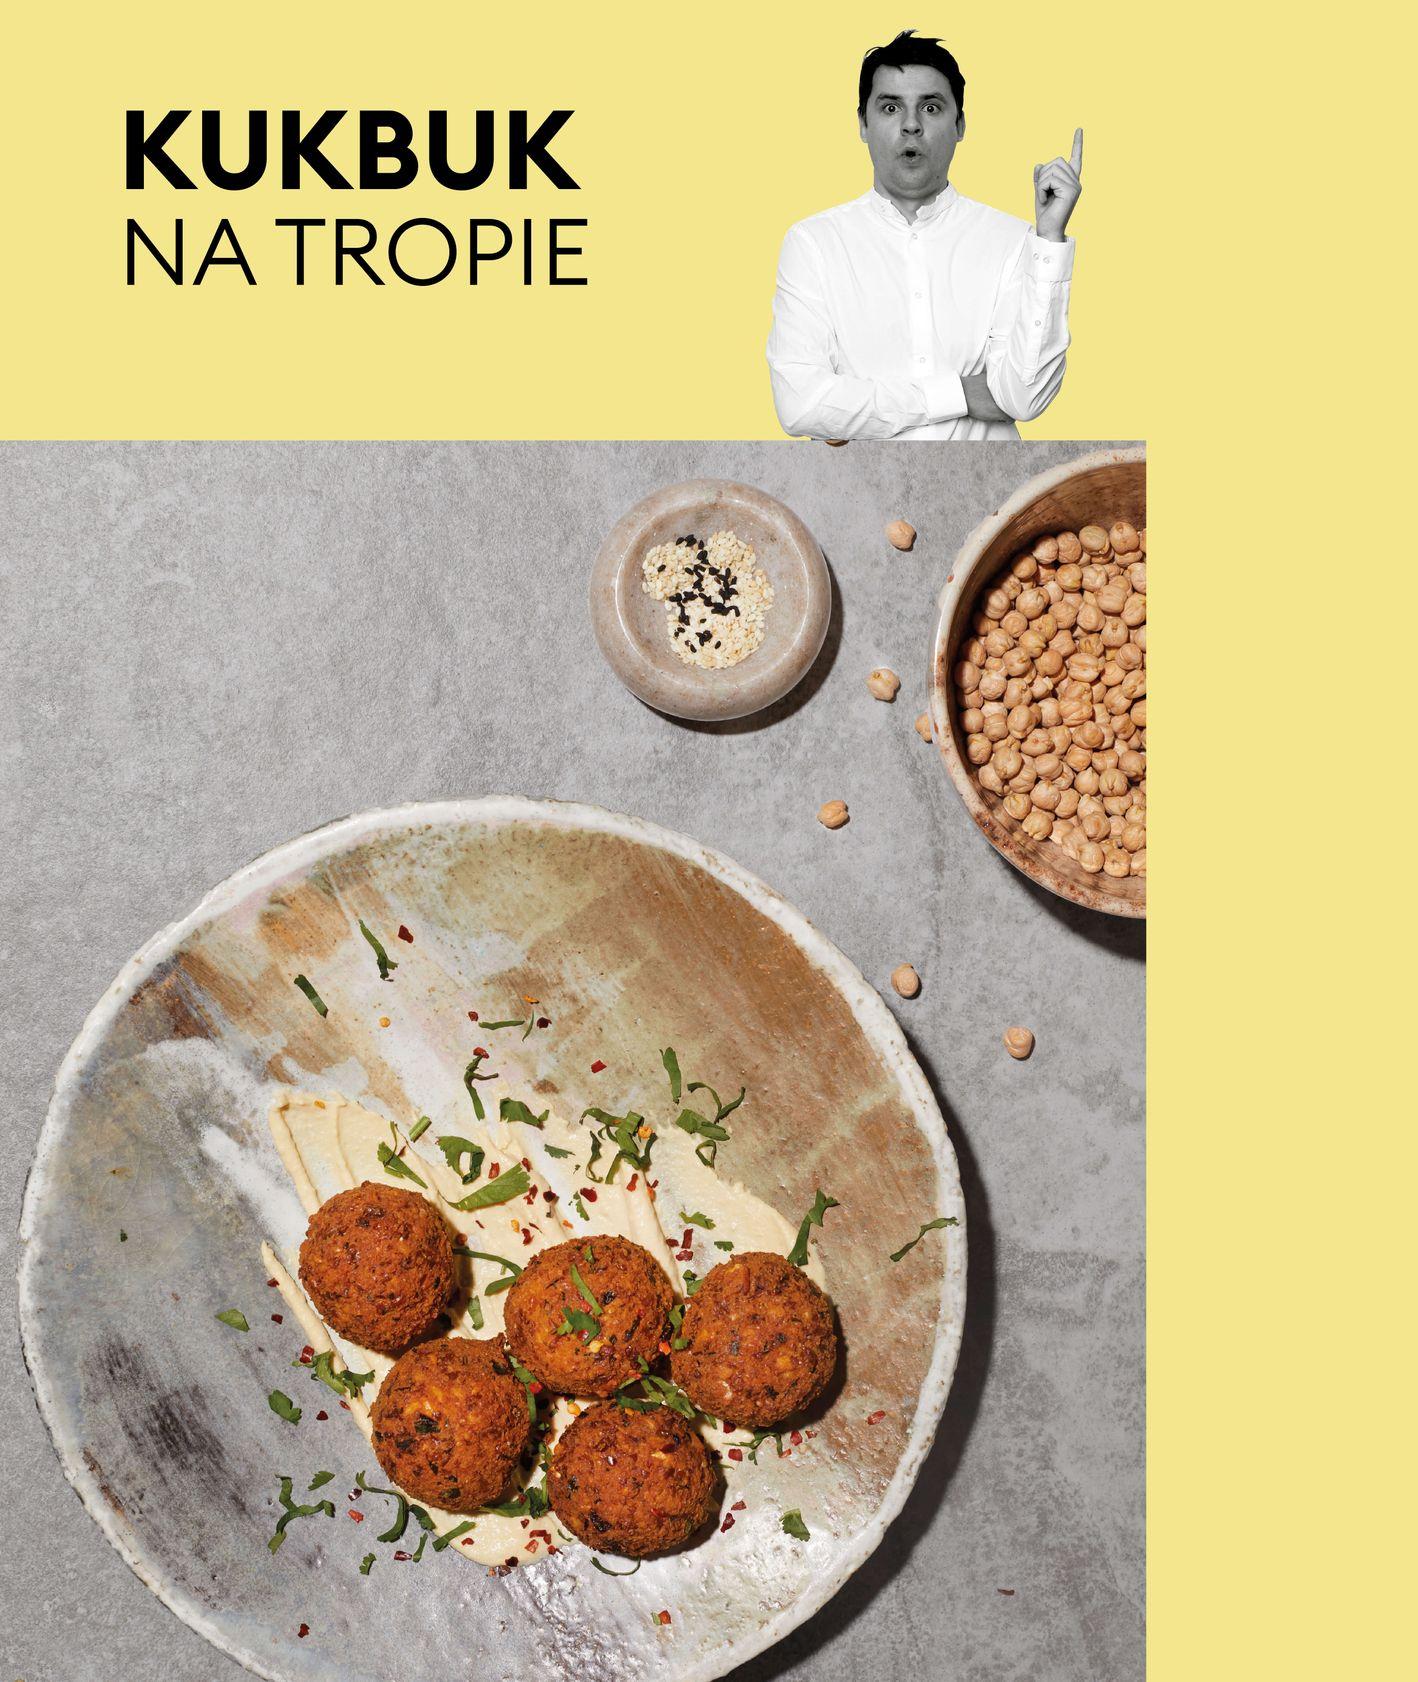 jak zrobić falafel? przepis na domowy falafel, tradycyjne danie kuchnia libańska